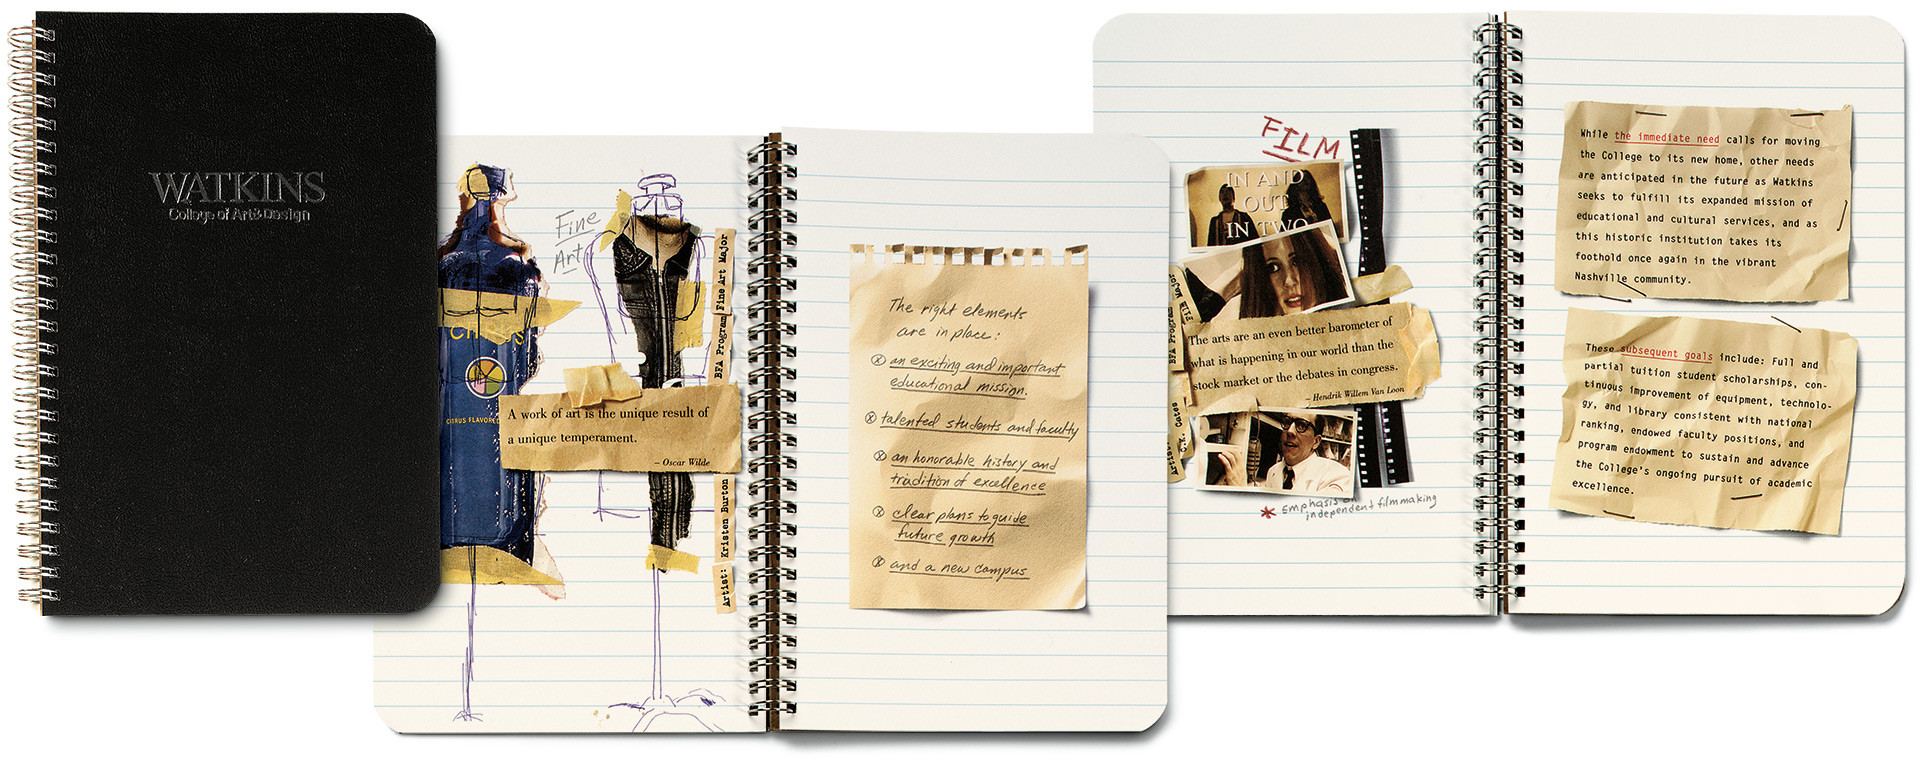 watkins_1_sketchbook2.jpg